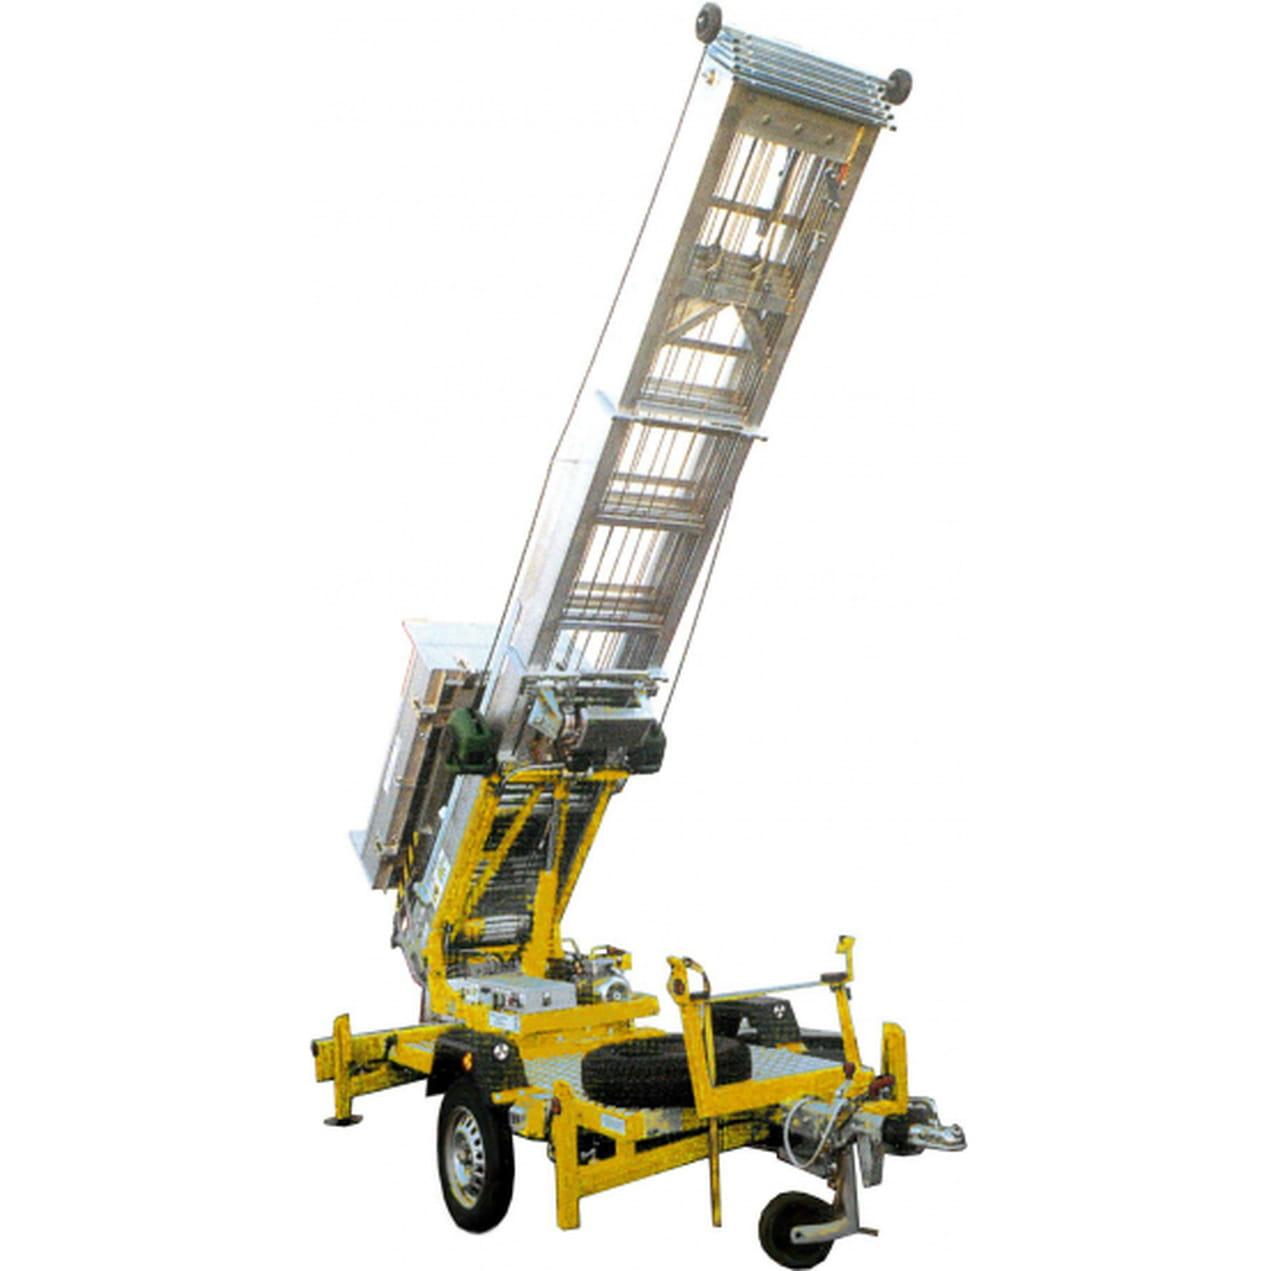 Exemples d 39 equipements pour le demenageur for Demenagement monte meuble